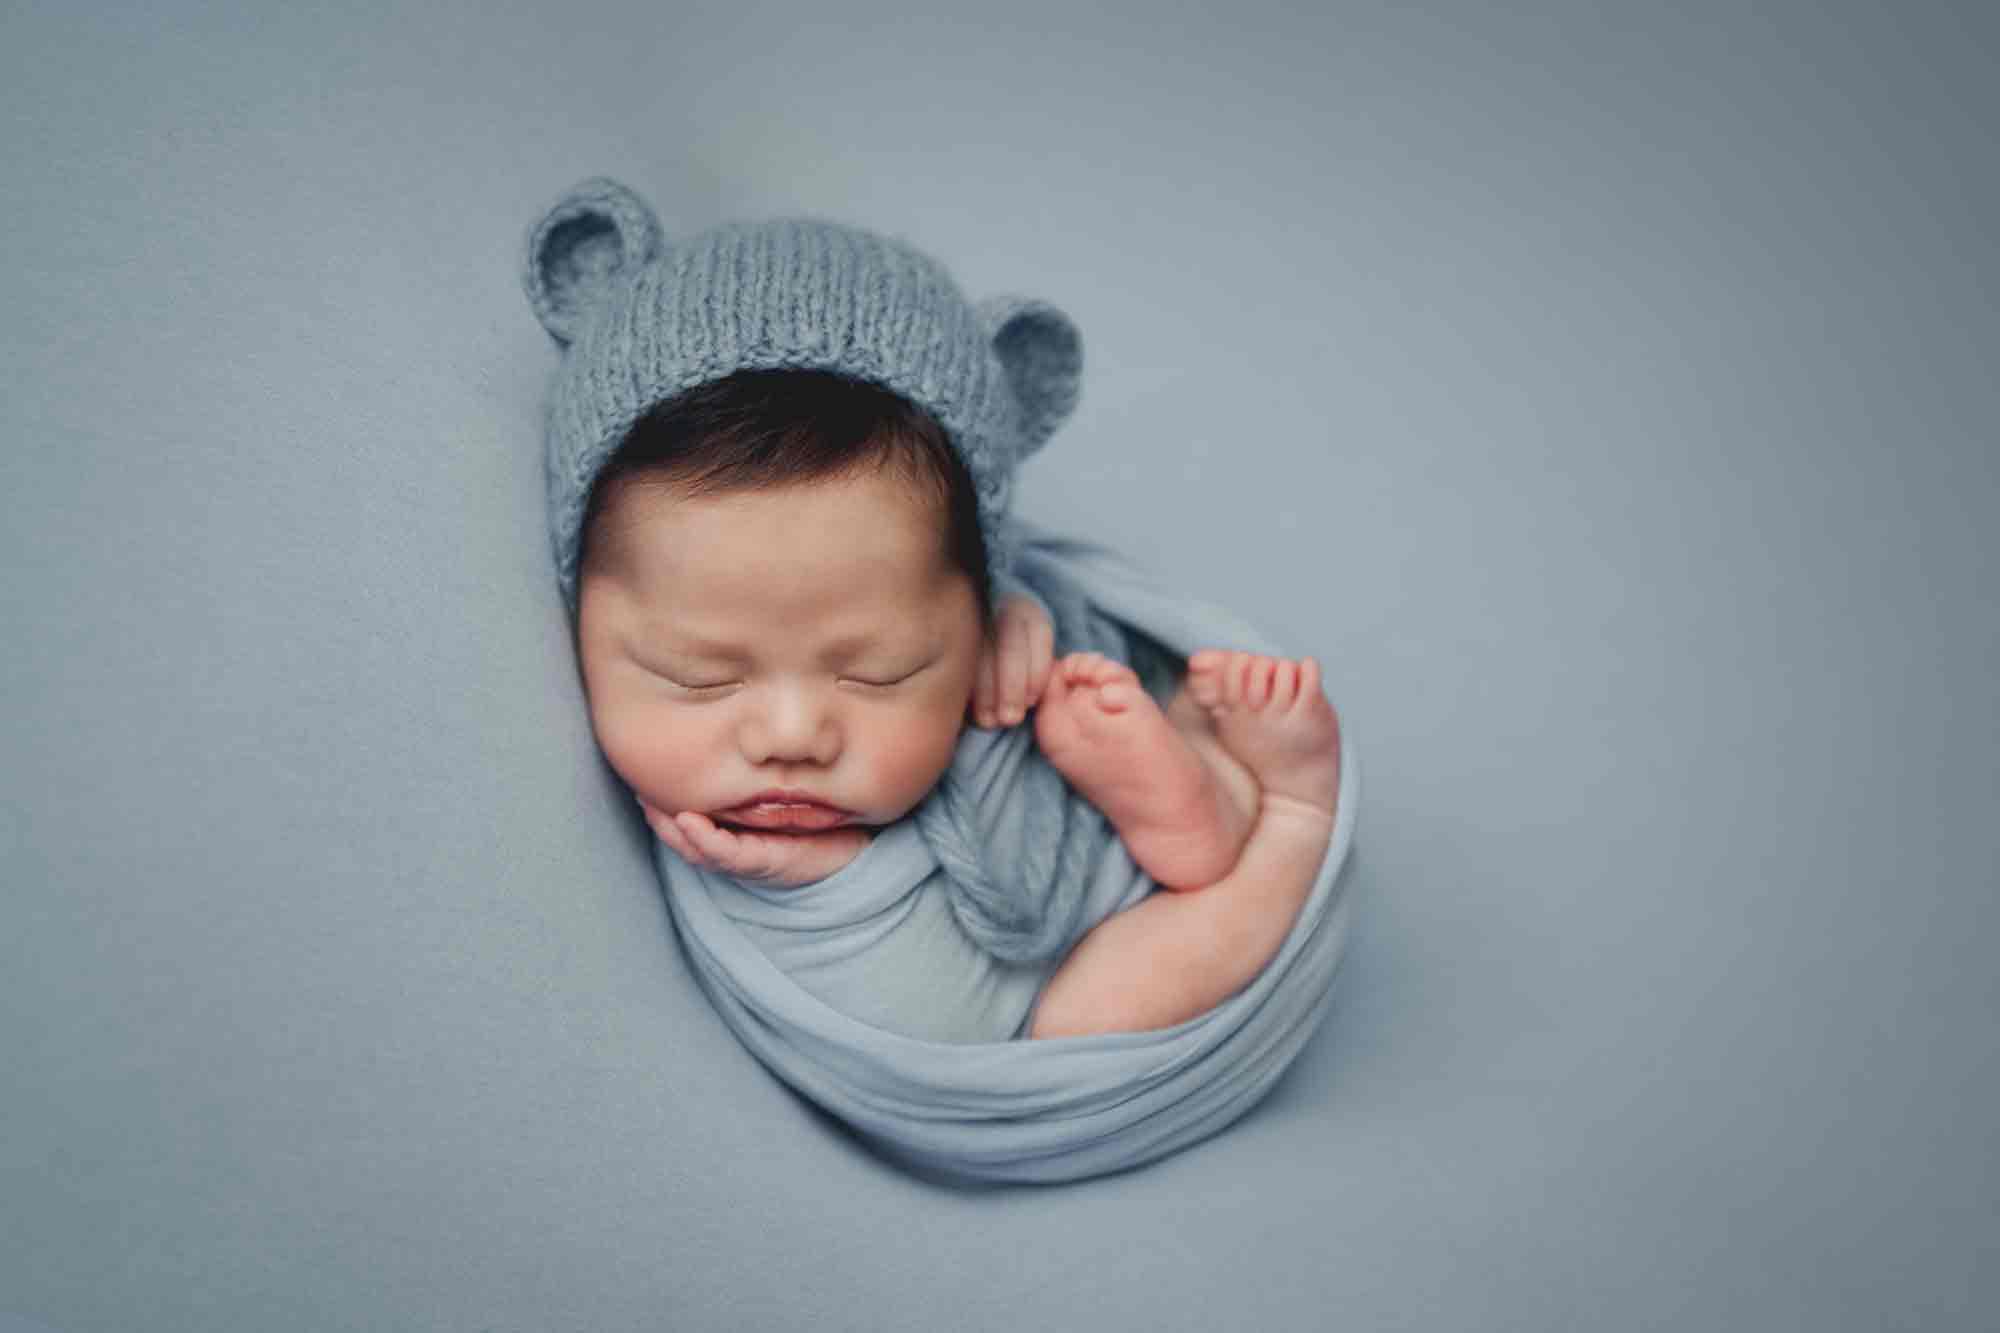 sergio-moreno-fabrica-de-suenos--cursos-de-fotografia-de-recien-nacidos-newborns-fotofest2